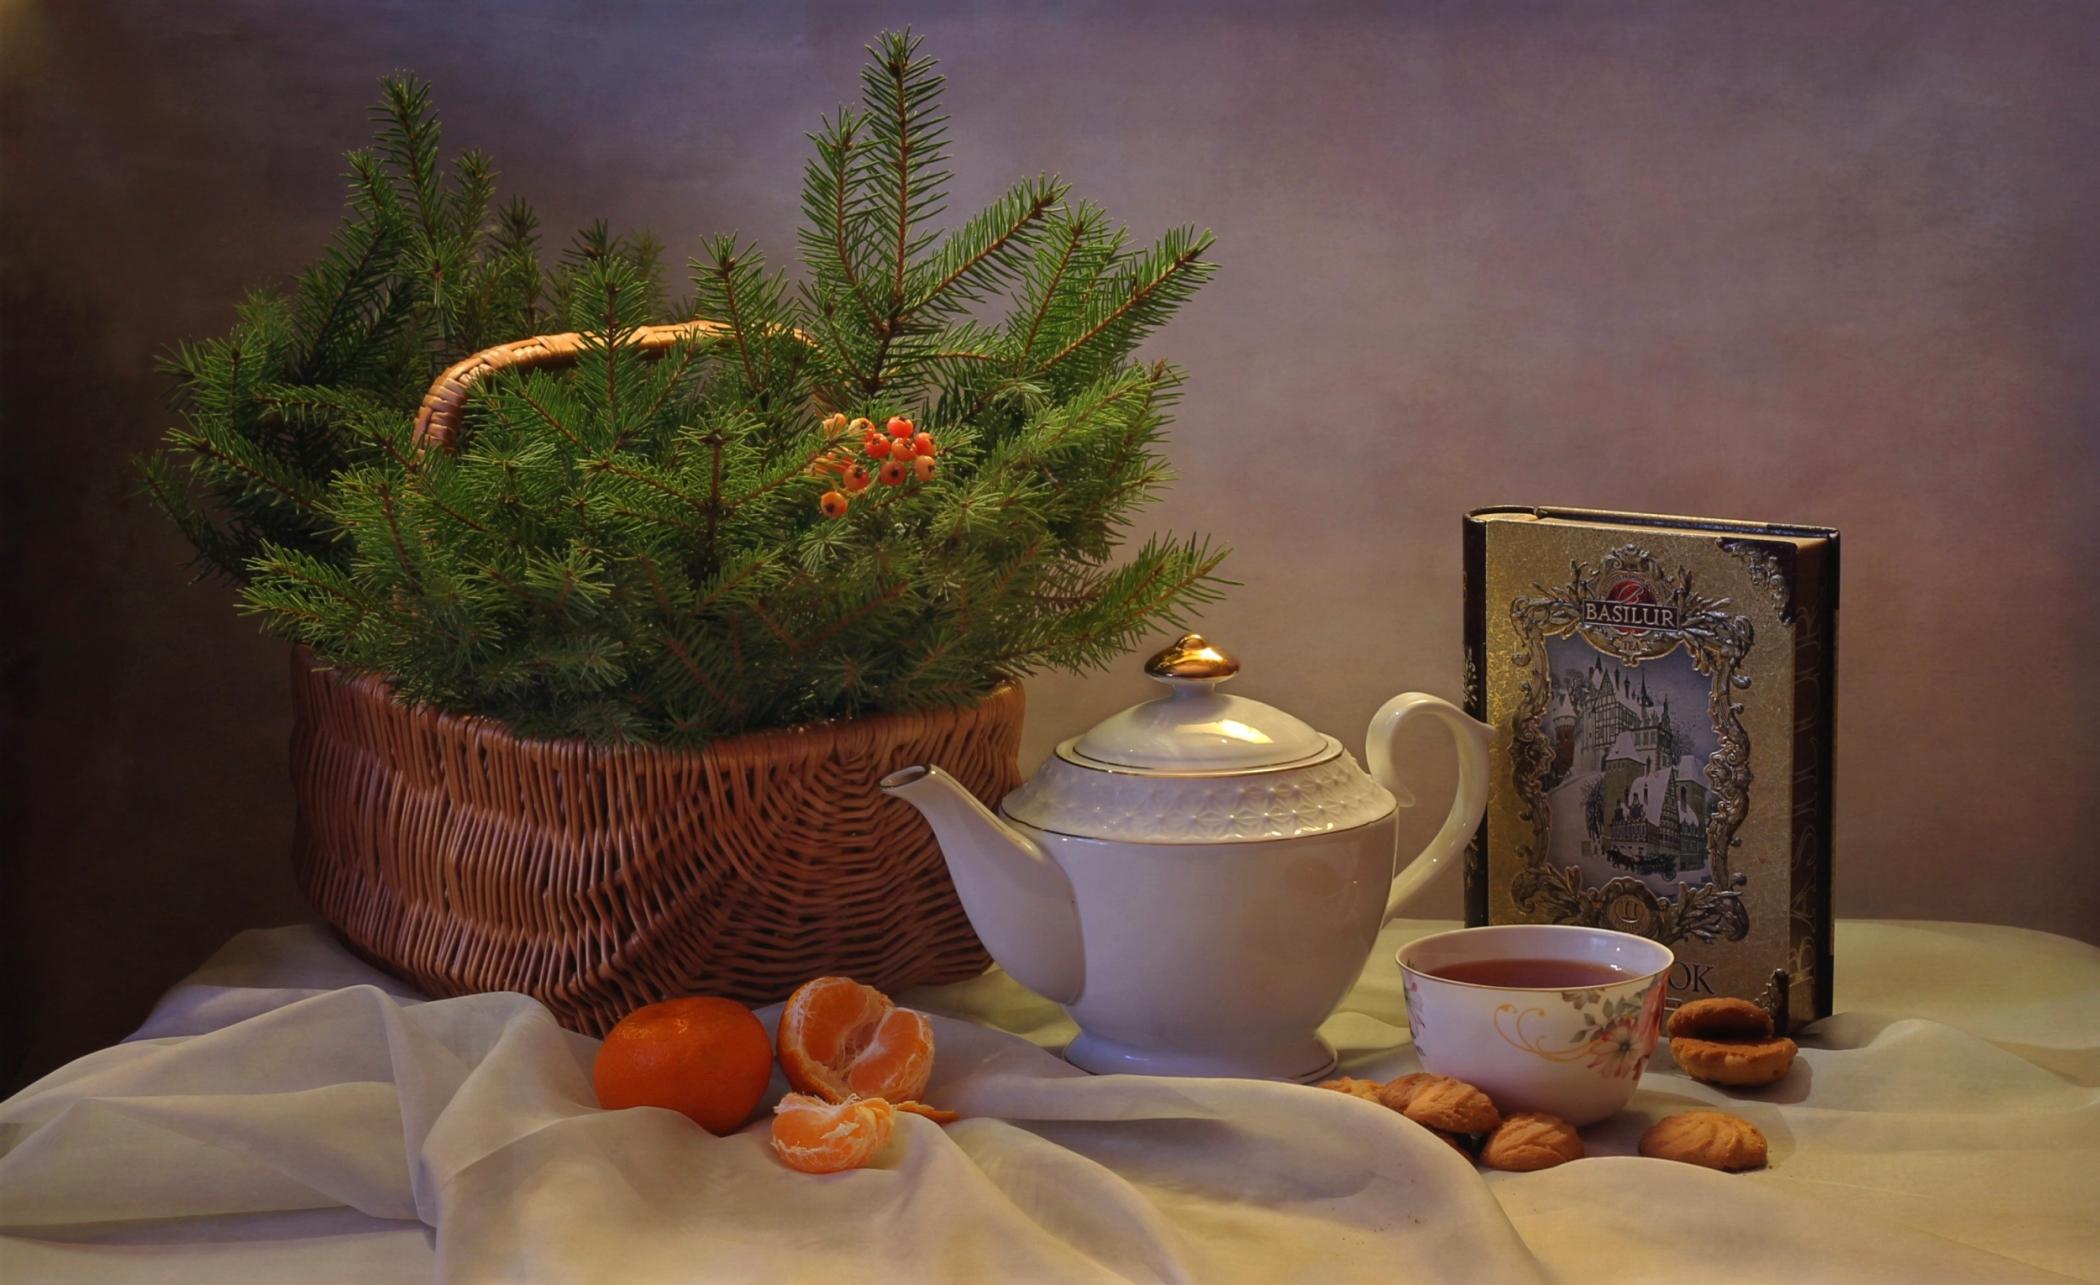 пять зимние картинки с чаем и елкой центральный пляж